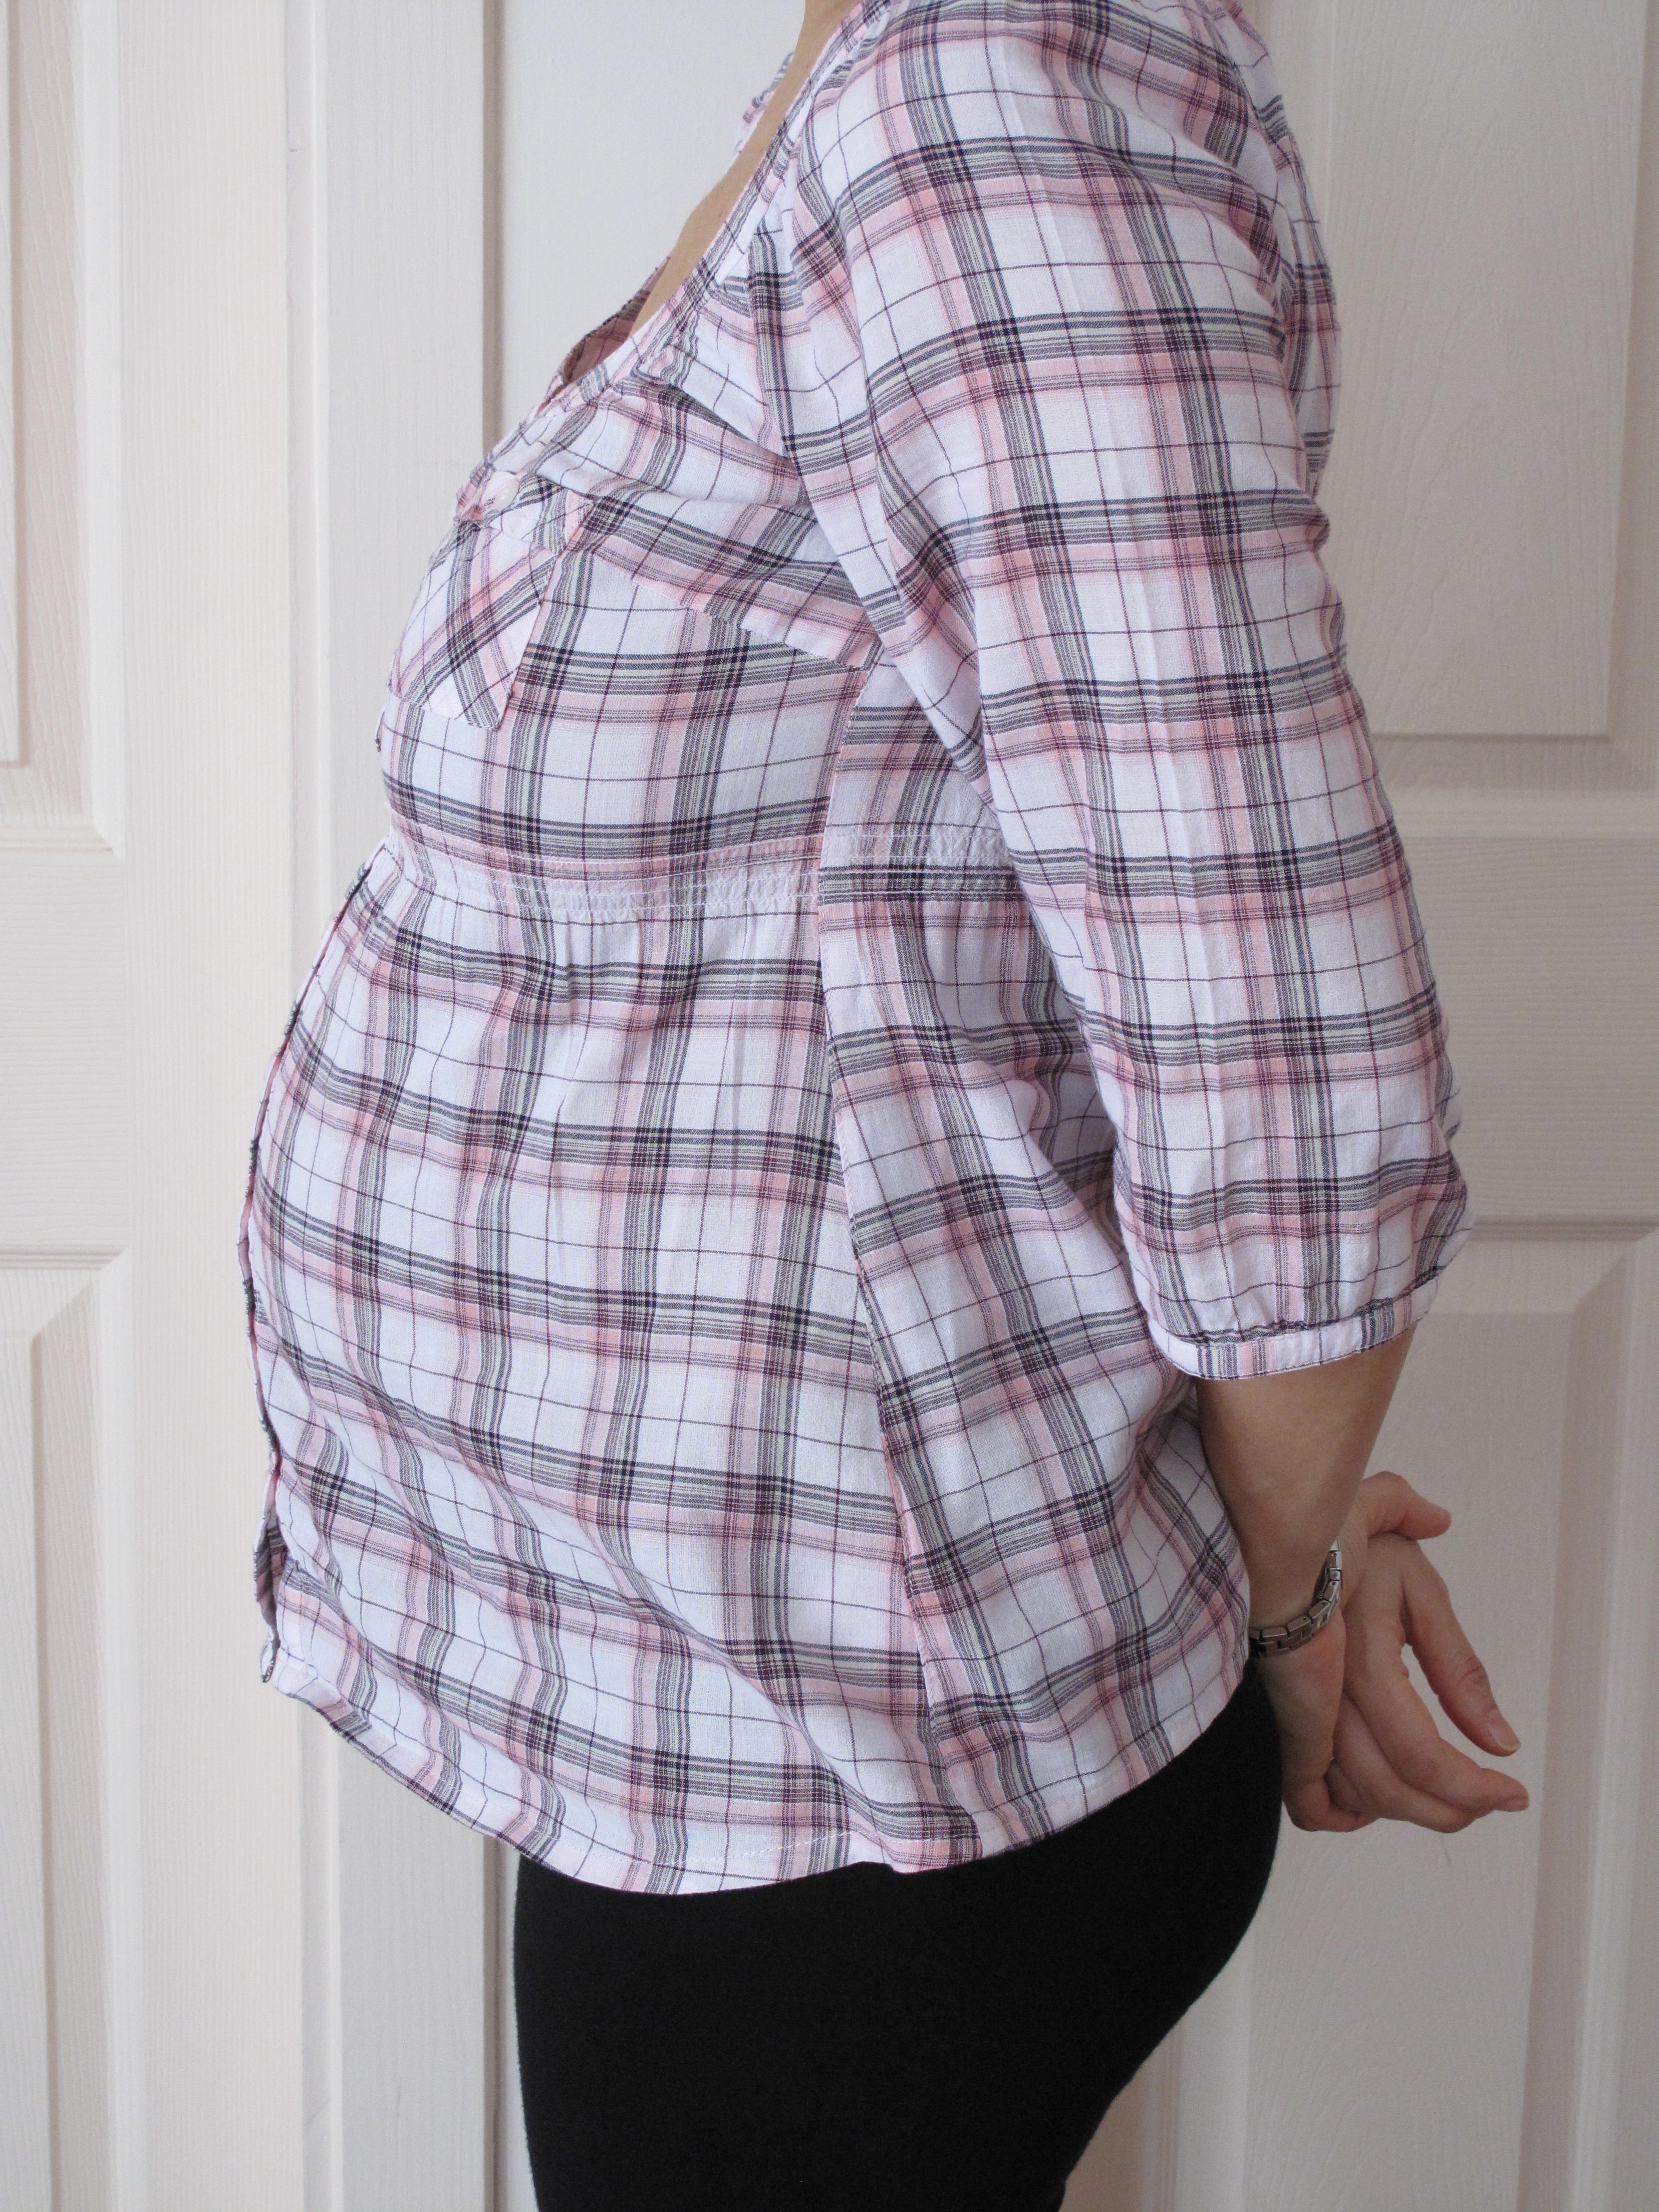 25 Hafta 6 Aylık Hamileyim Blogcu Anne